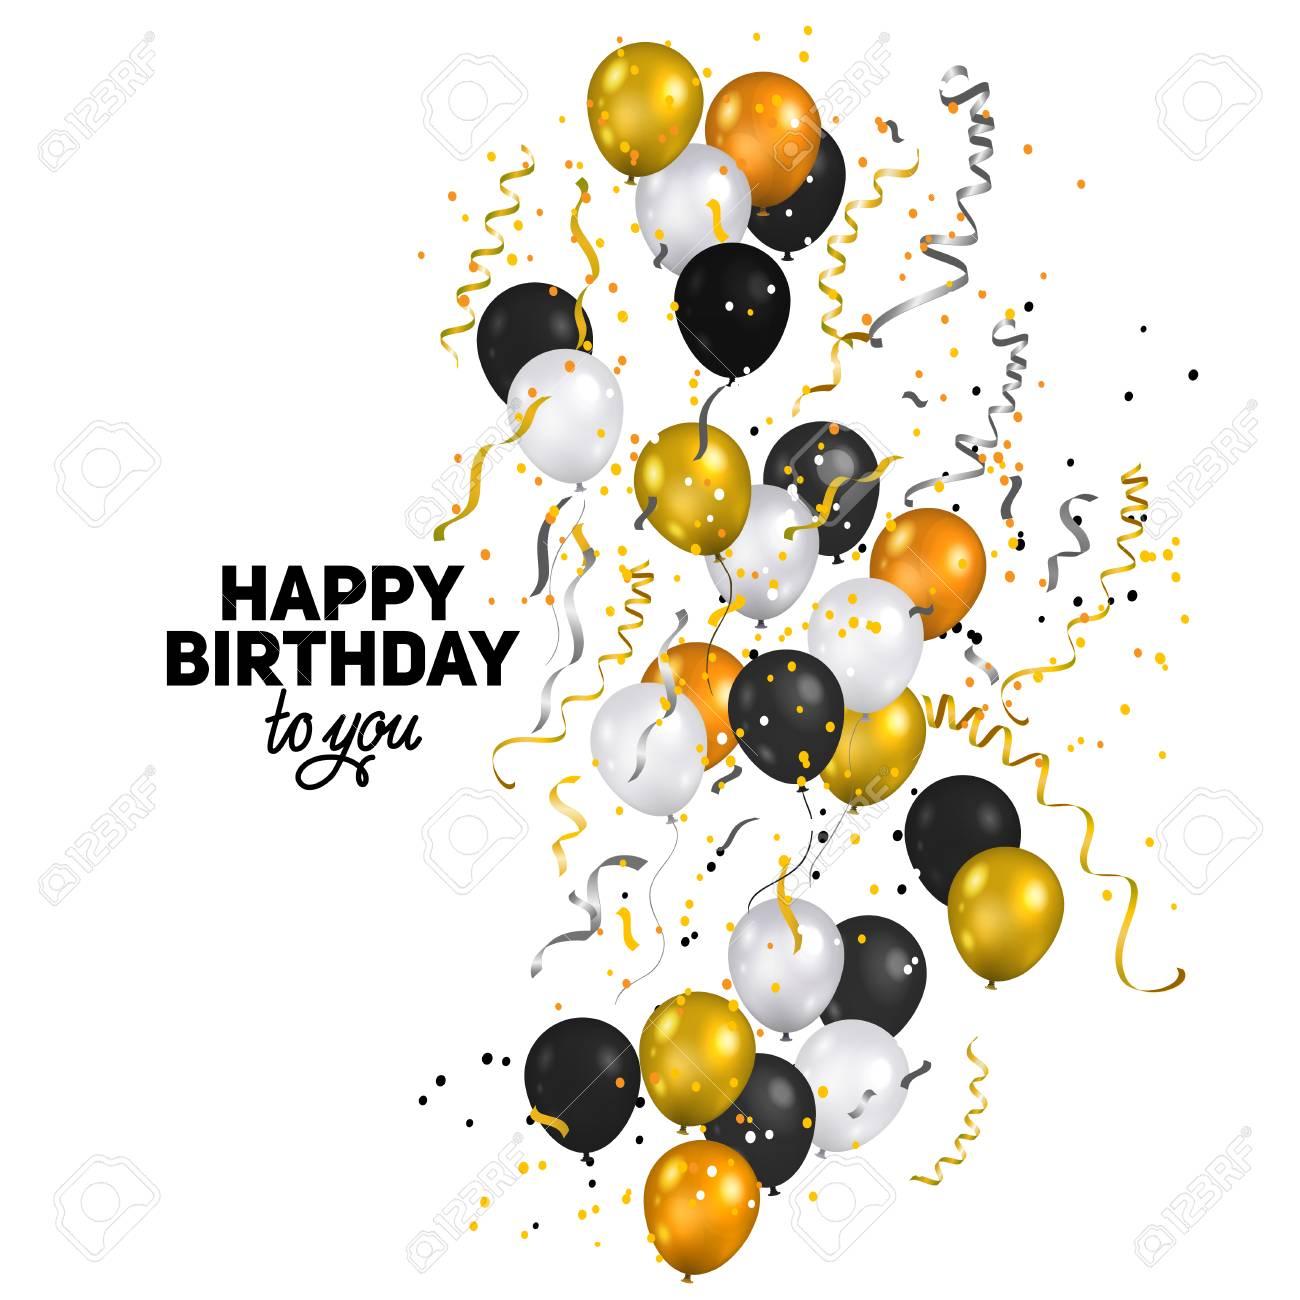 Ballons Und Konfetti Herzlichen Gluckwunsch Zum Geburtstag